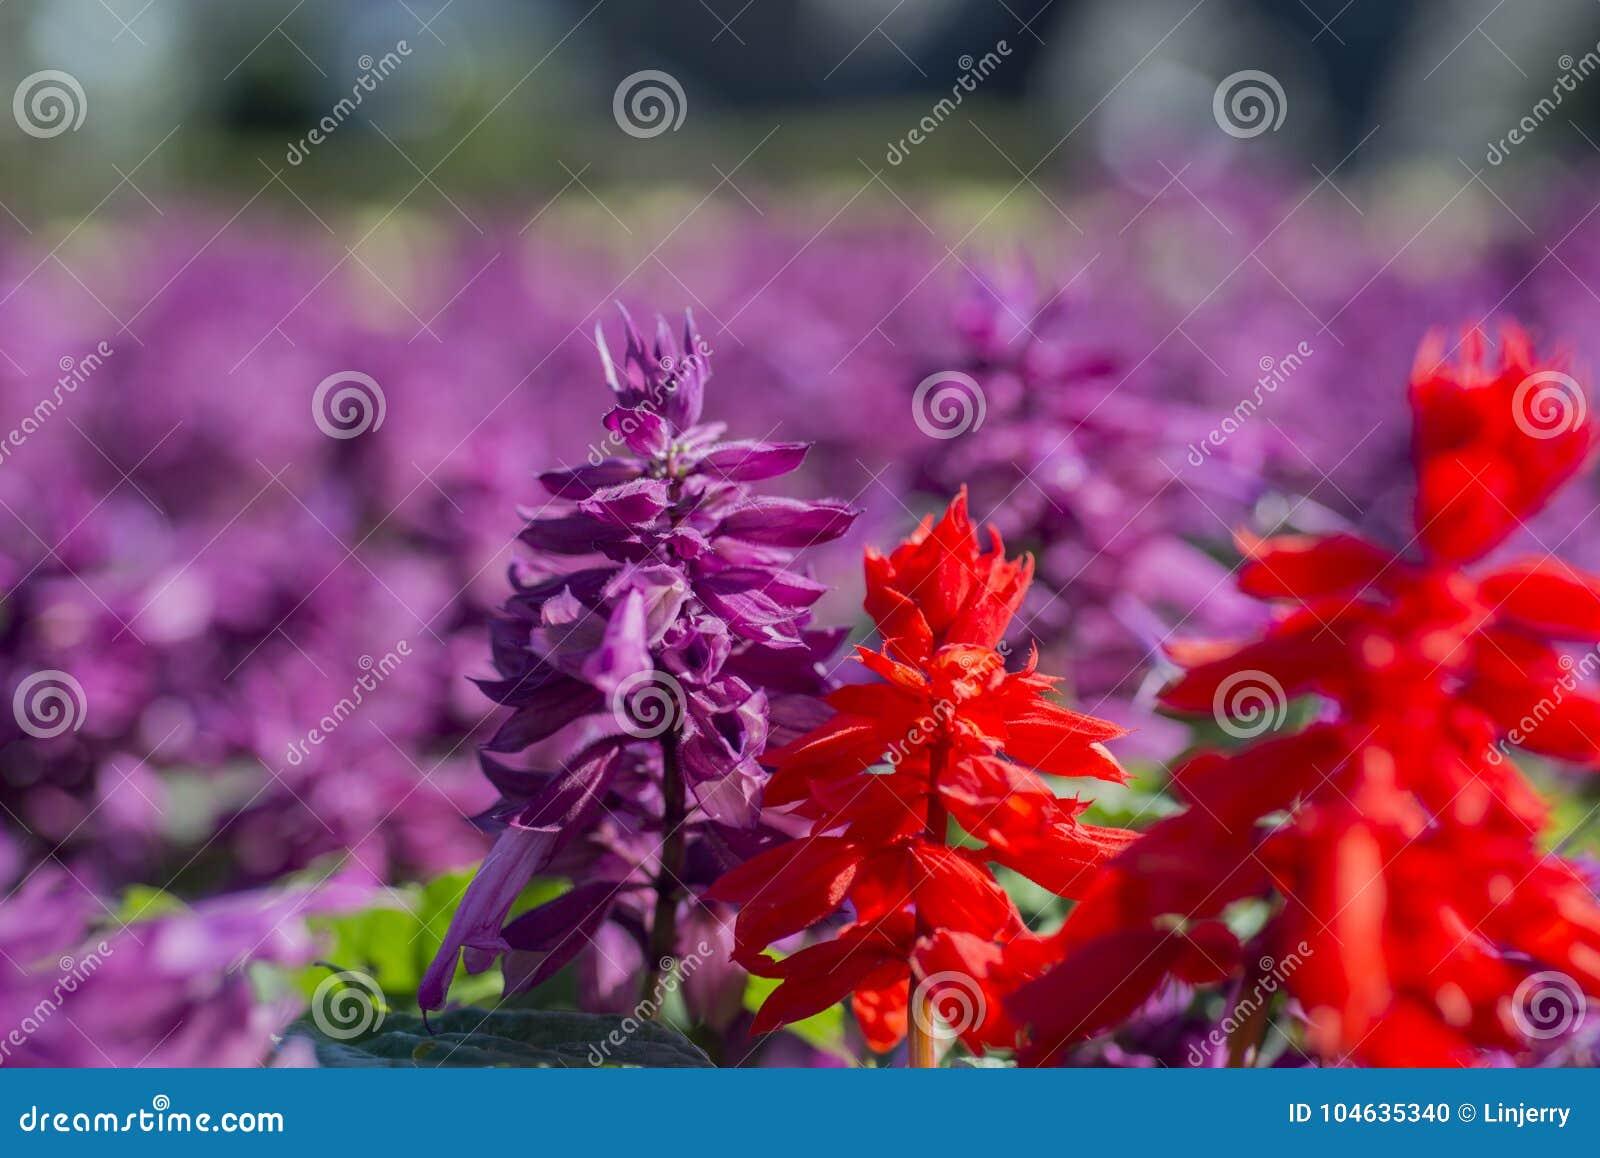 Download Salvia splendens bloem stock foto. Afbeelding bestaande uit park - 104635340